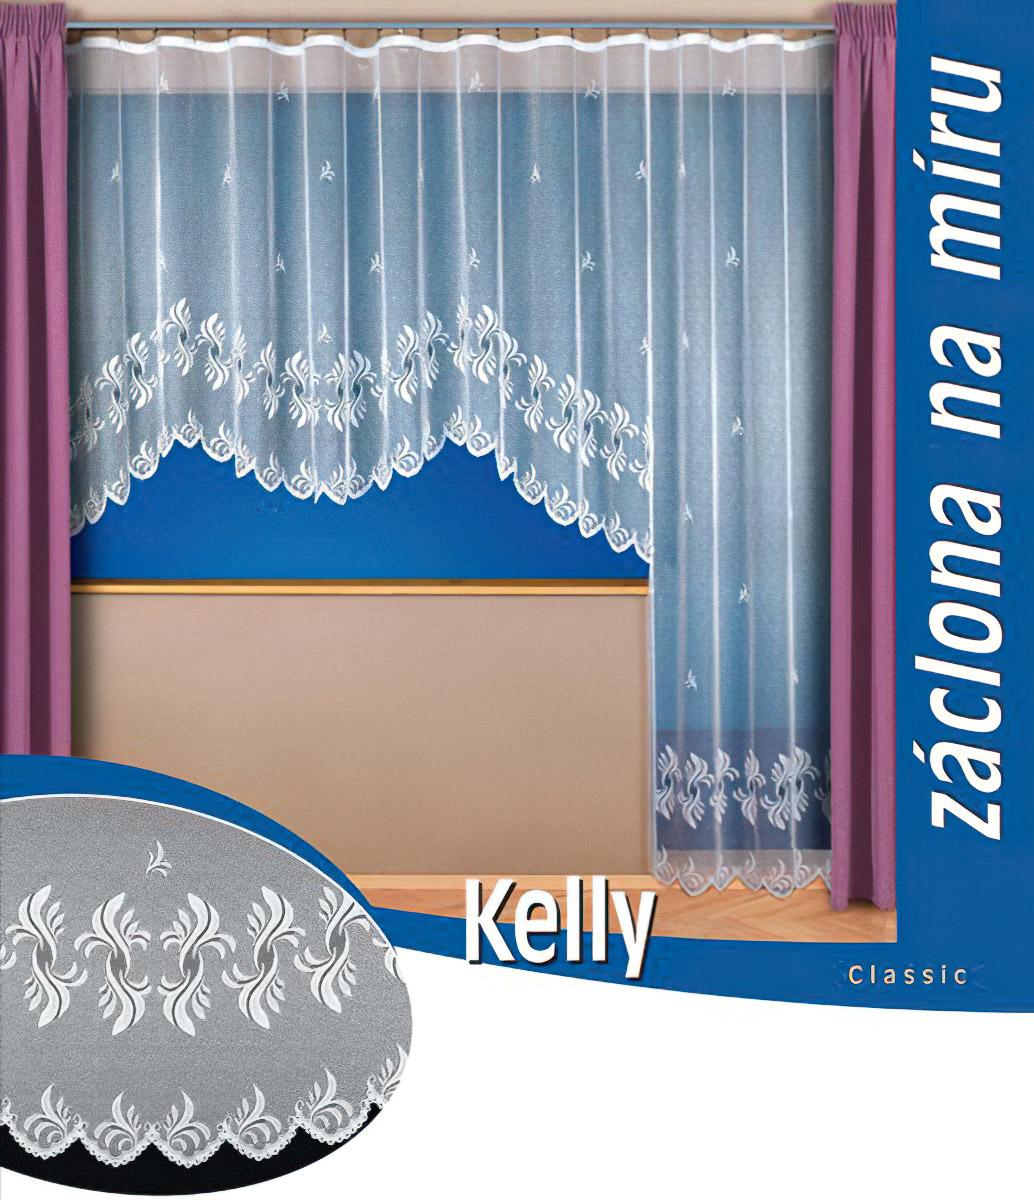 Tylex kusová záclona KELLY jednobarevná bílá, výška 250 cm x šířka 180 cm (na dveře)